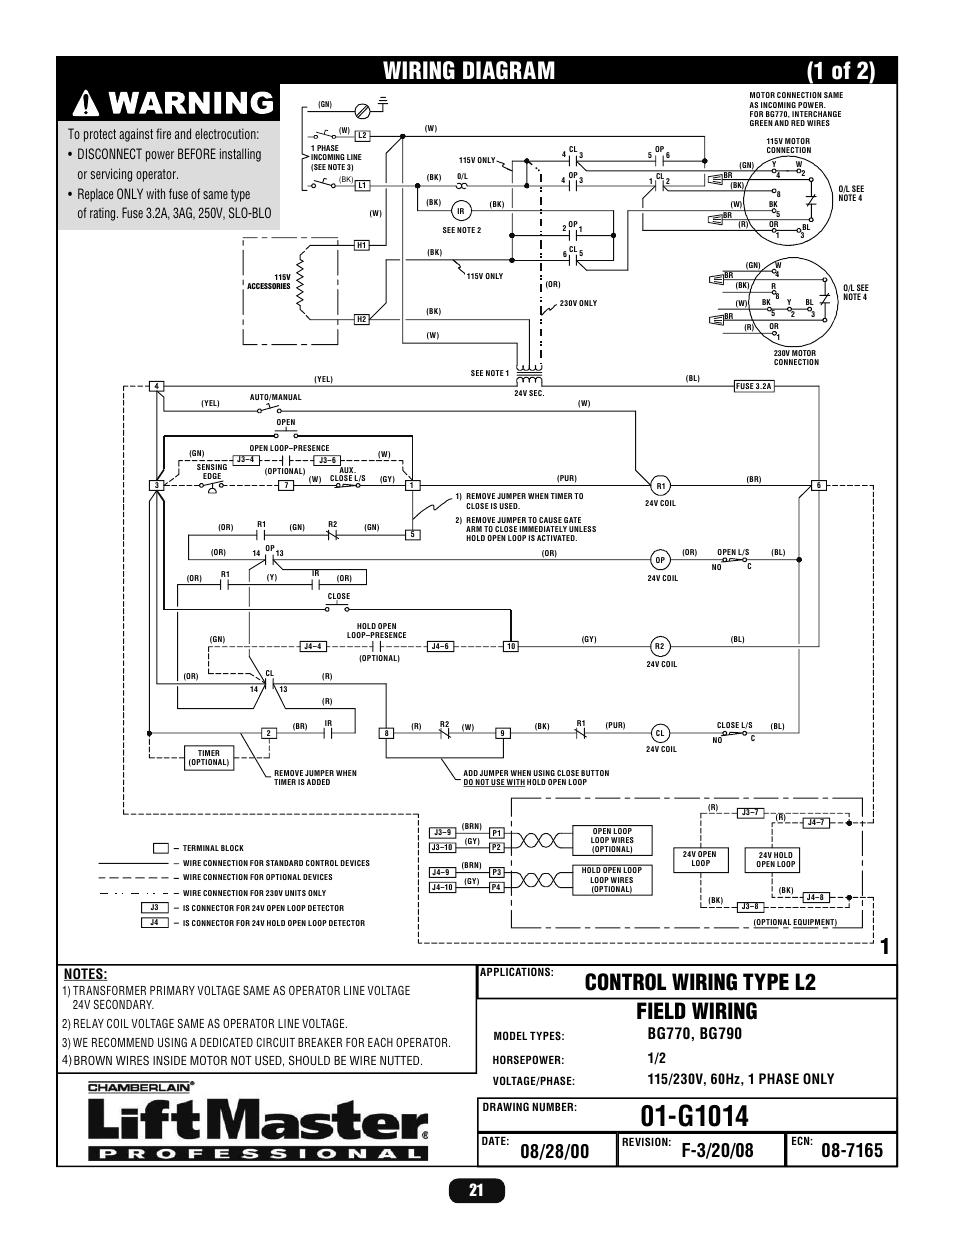 medium resolution of lift master controls wiring diagram wiring diagram schematics rh ksefanzone com liftmaster professional wiring diagram liftmaster